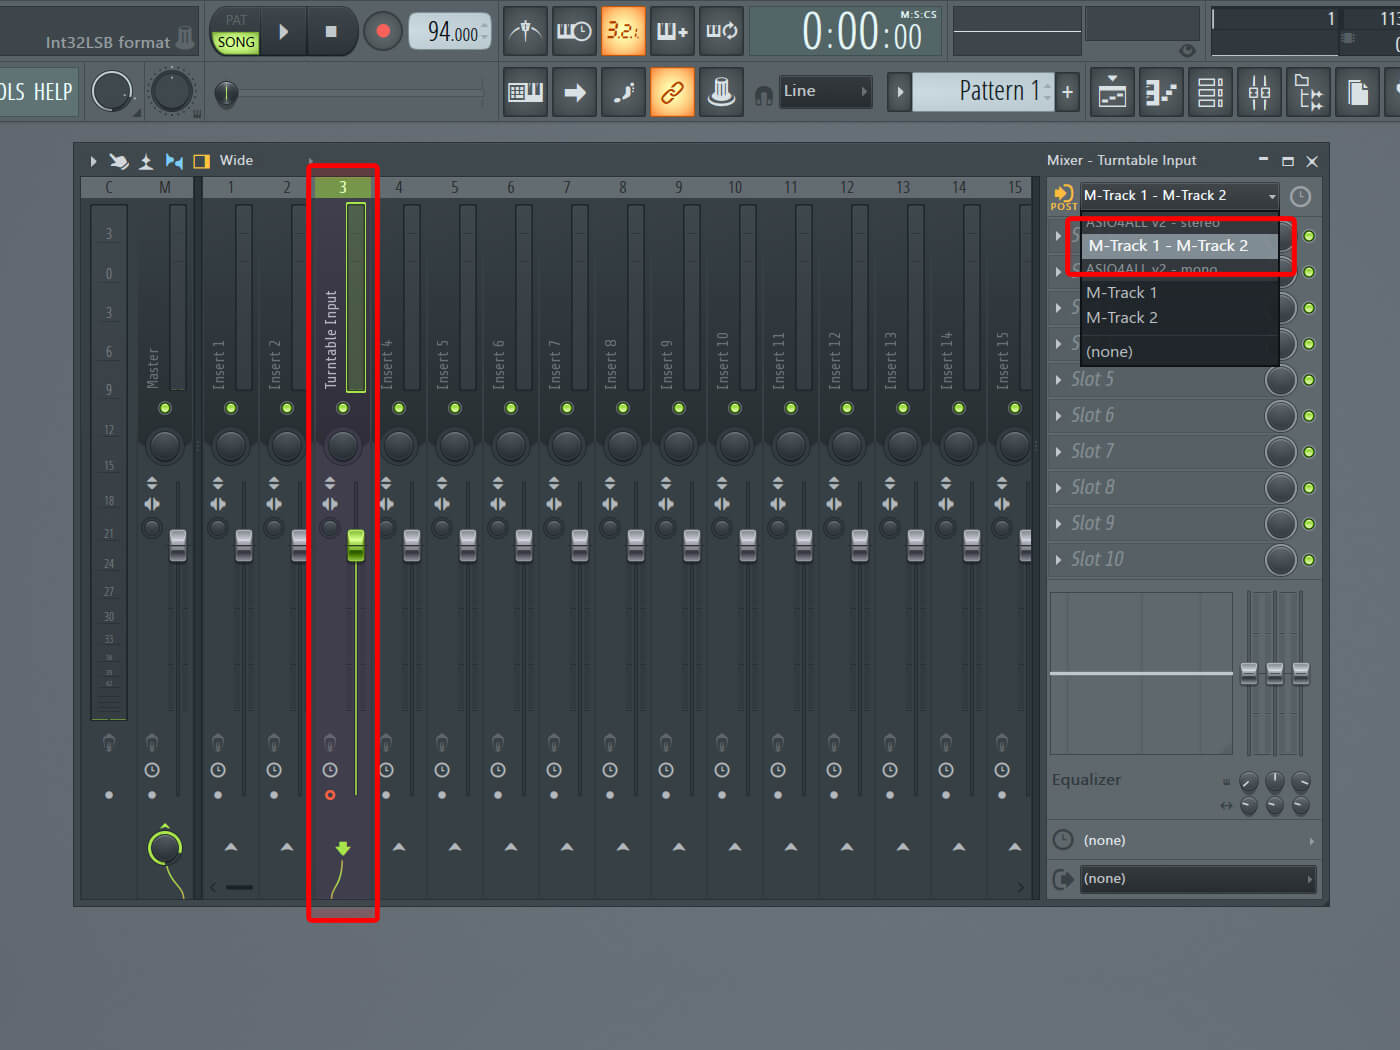 MT 205 FL Studio TUT Pt 3